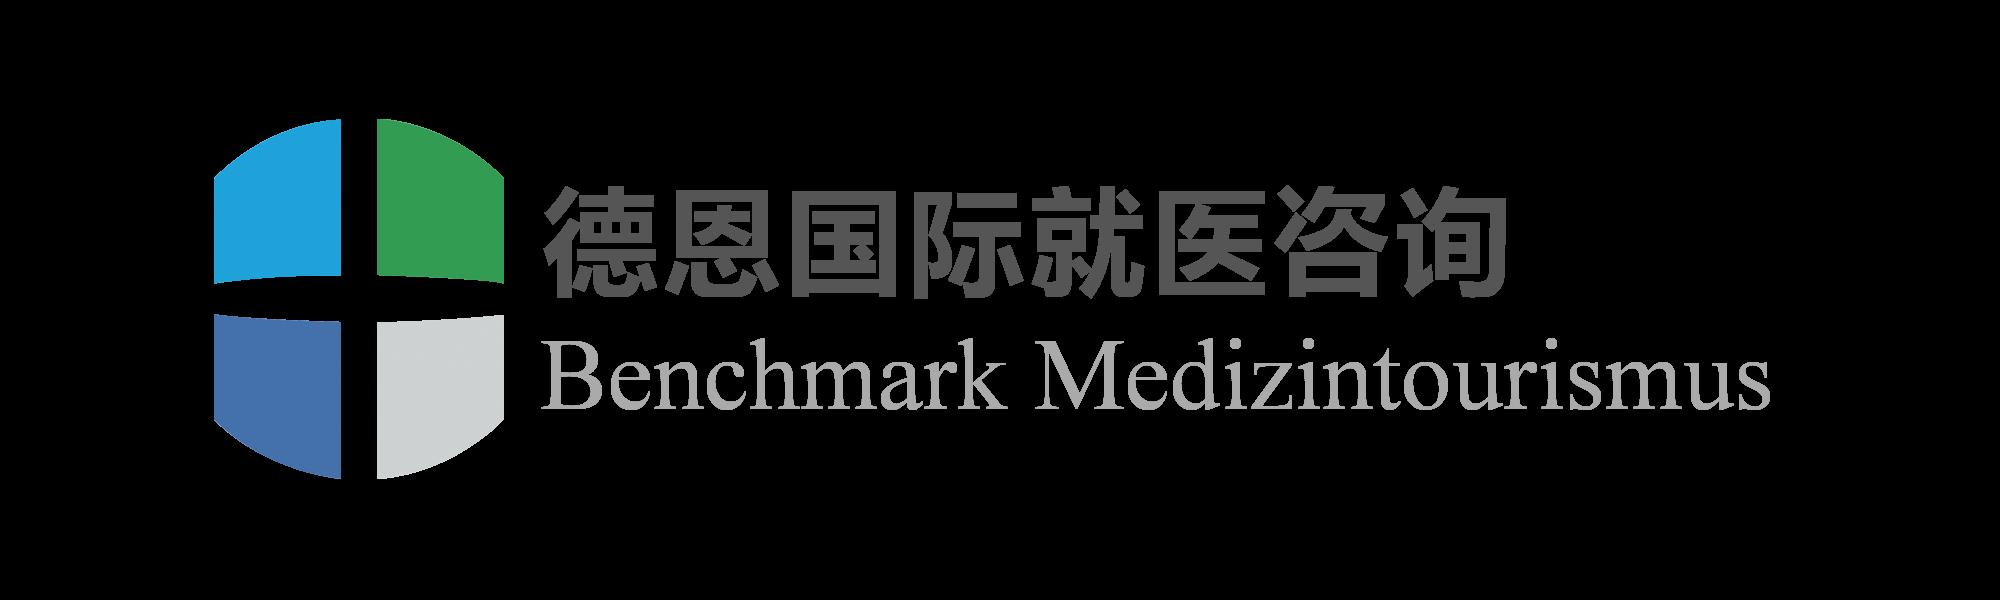 Benchmark Medizintourismus